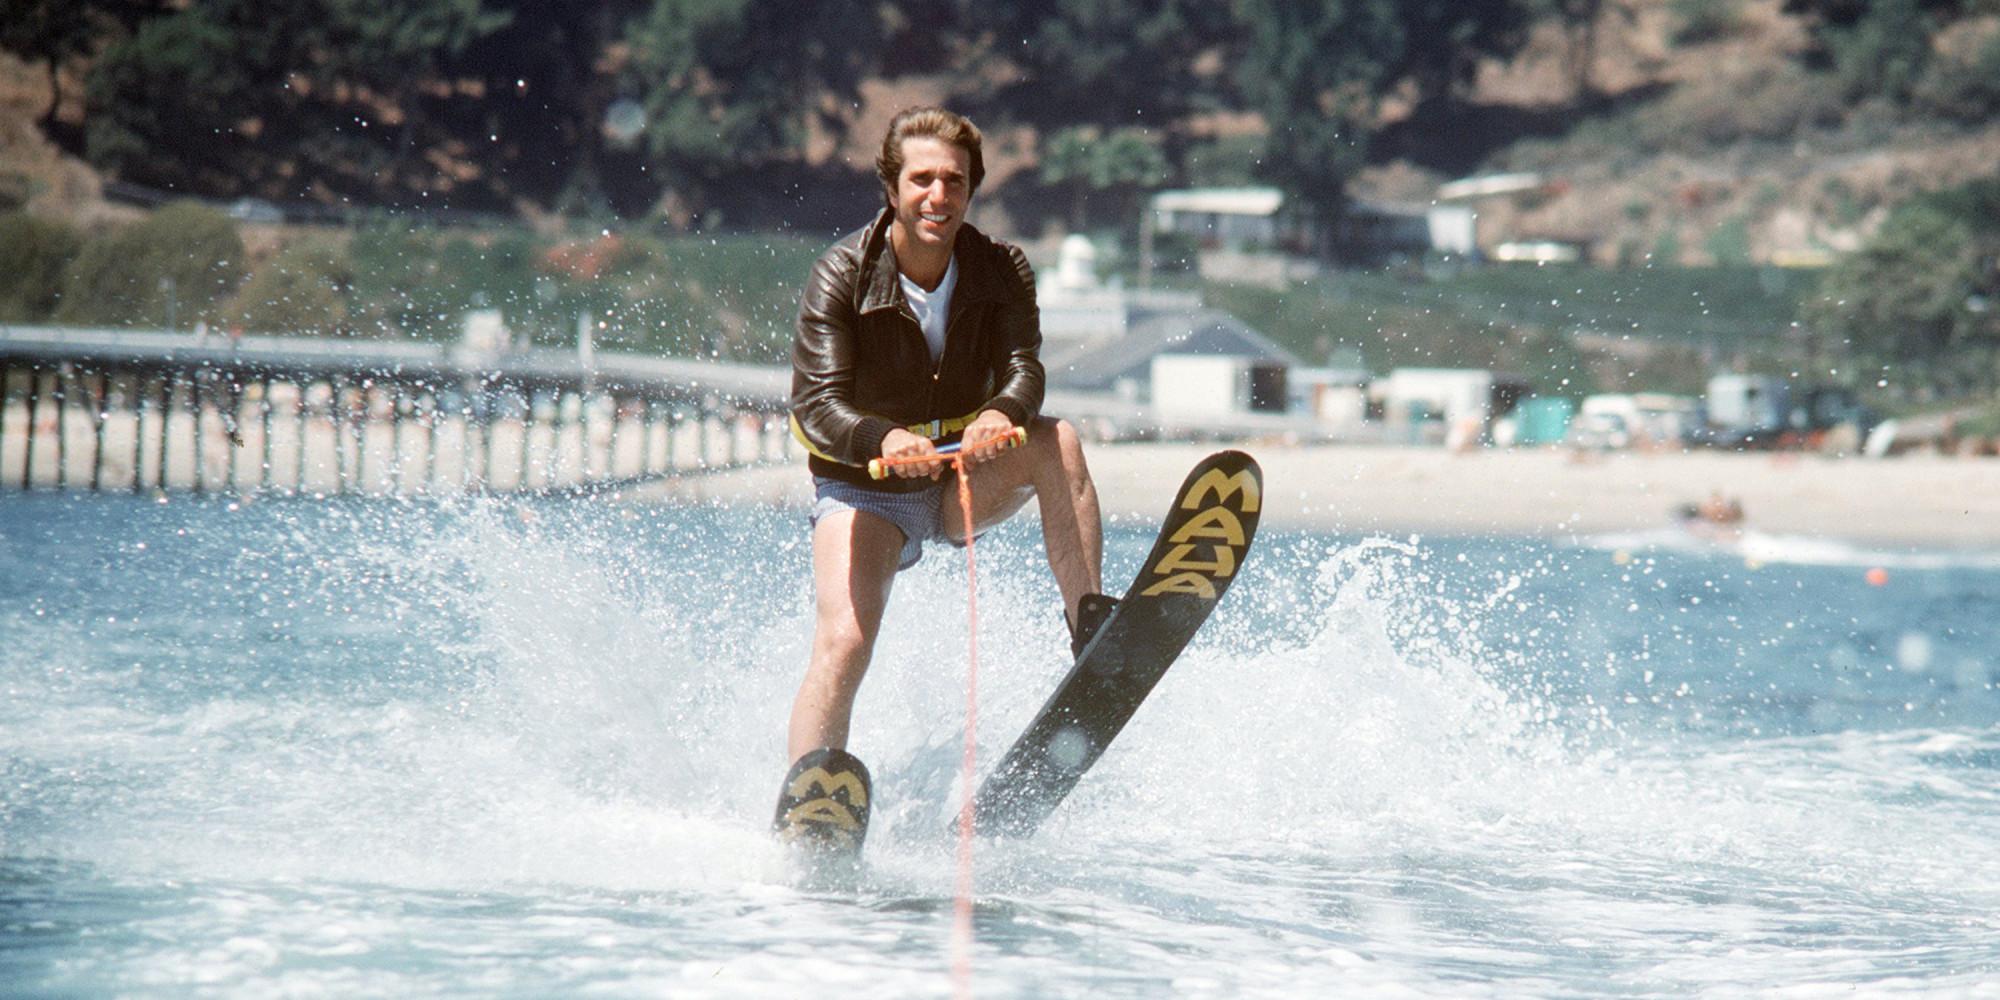 https://i1.wp.com/i.huffpost.com/gen/2926280/images/o-HENRY-WINKLER-JUMP-THE-SHARK-facebook.jpg